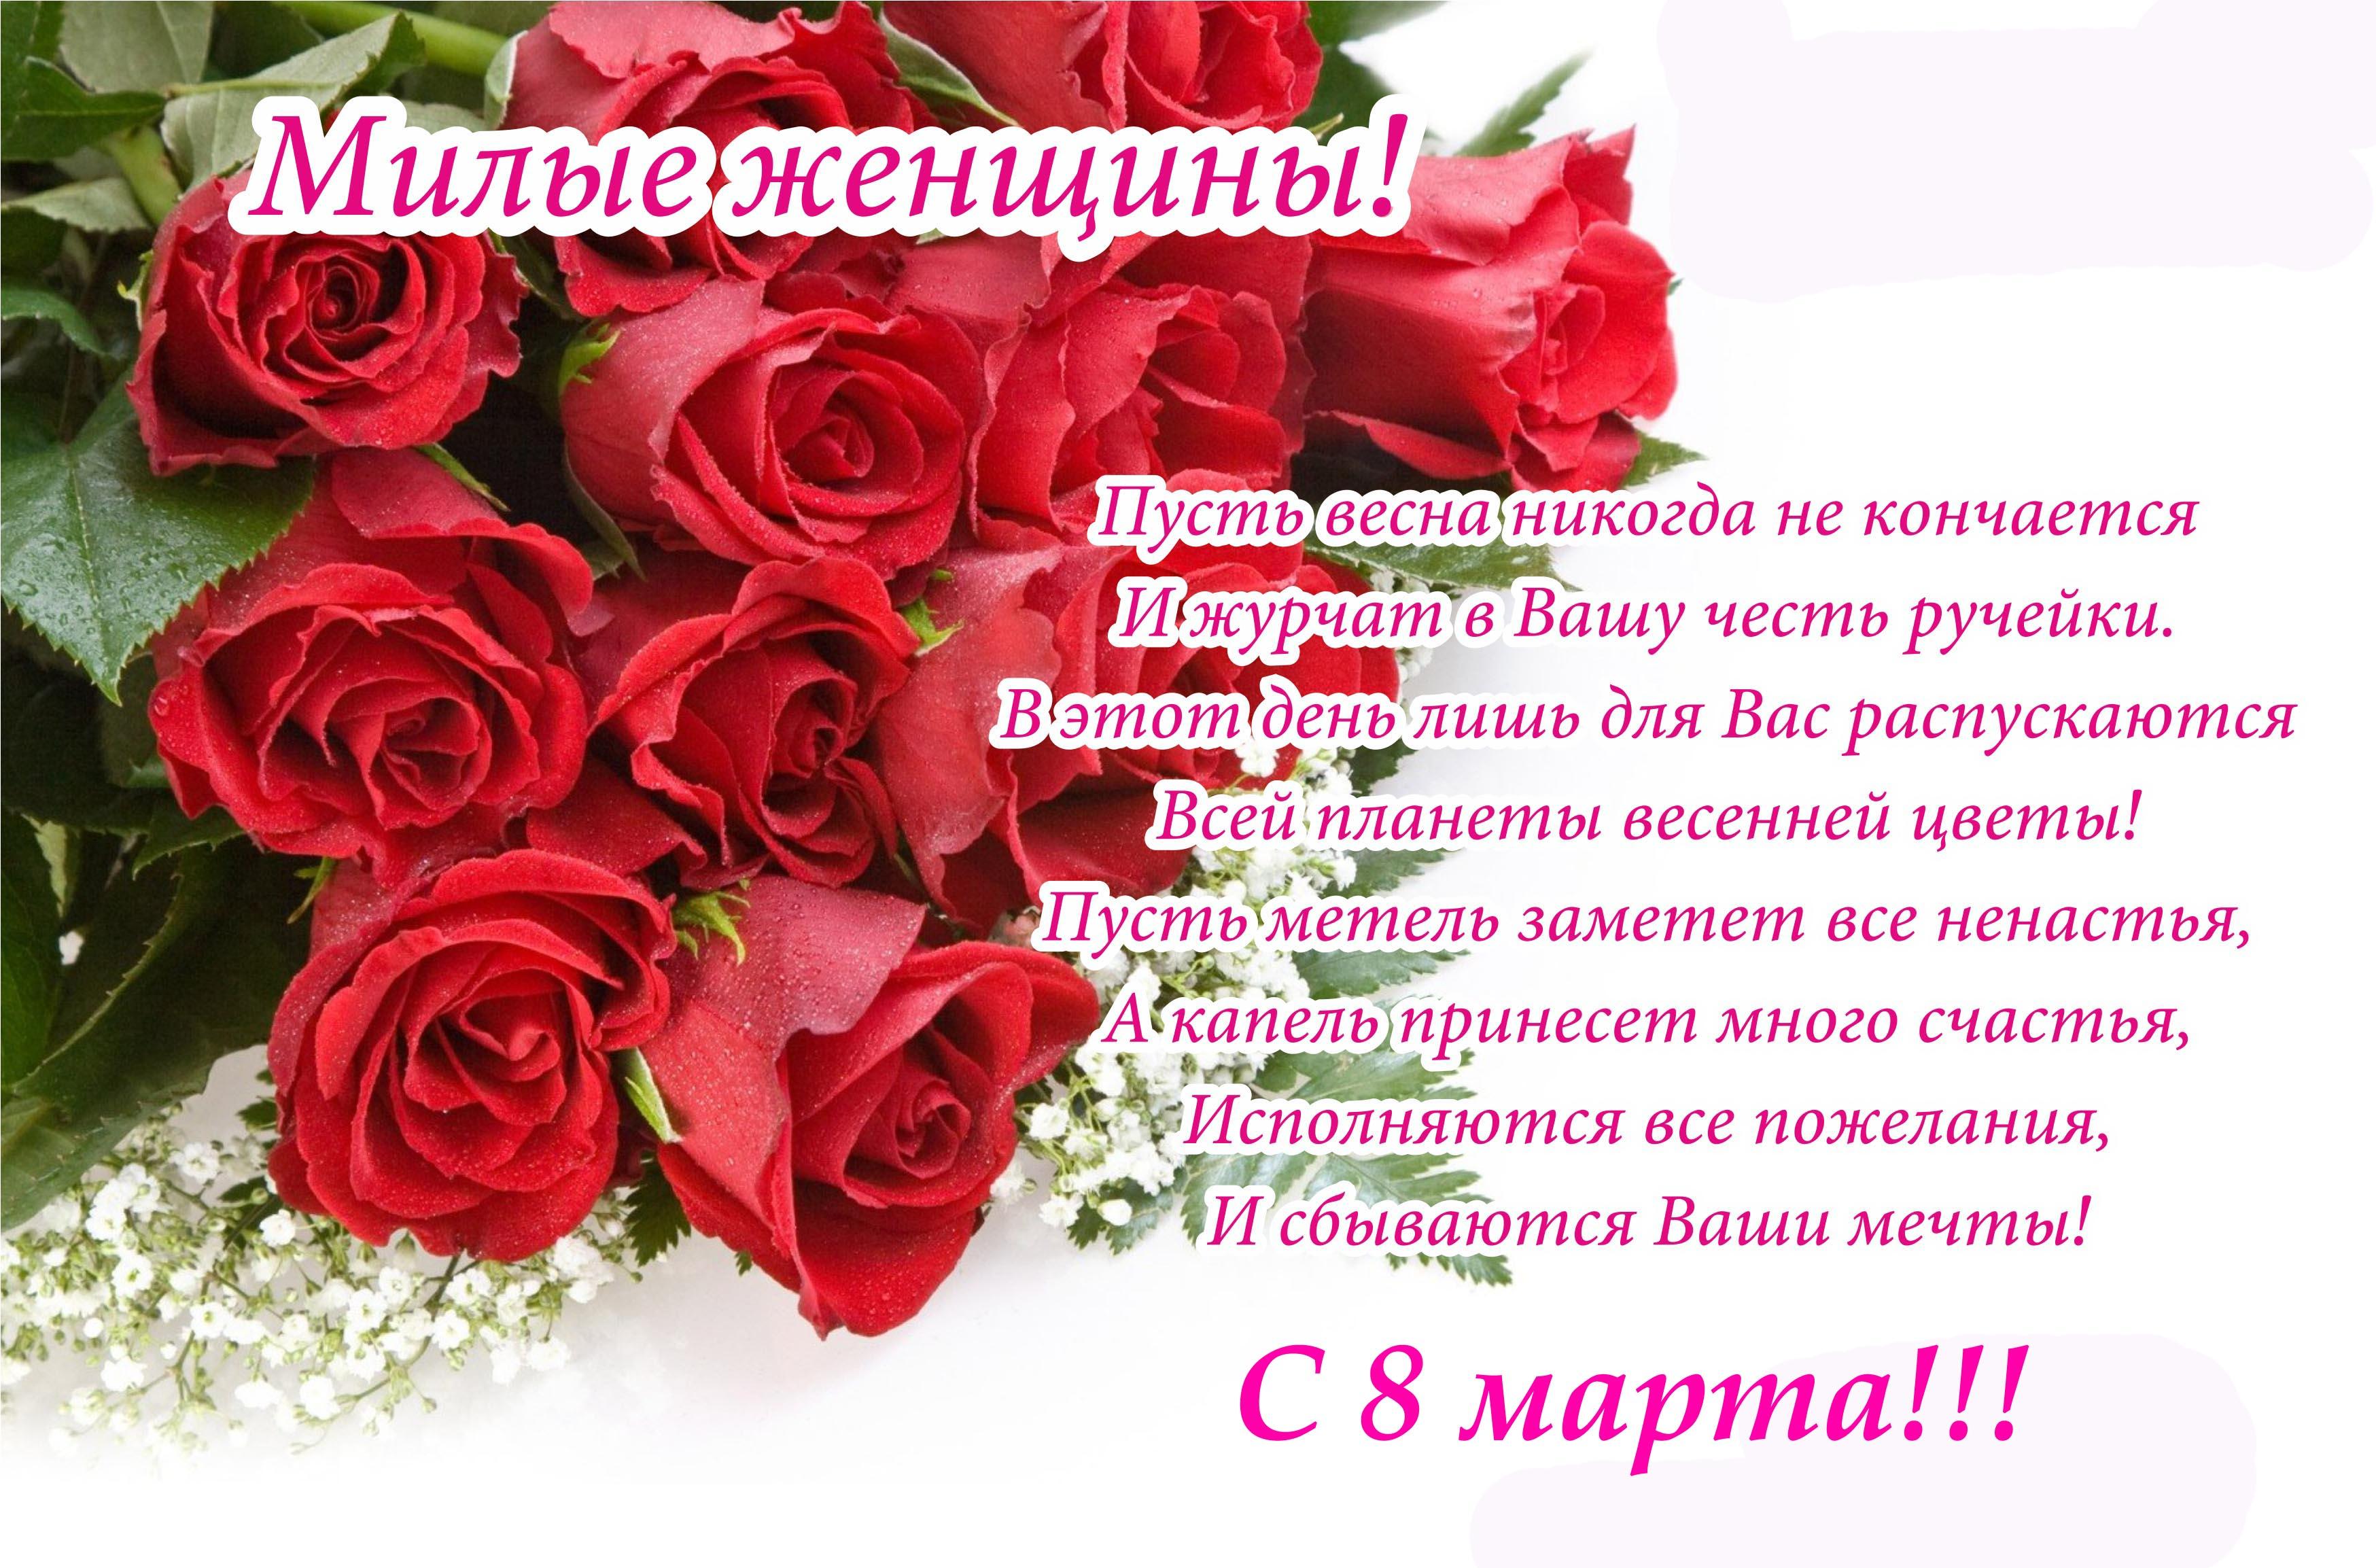 Картинки, поздравления к 8 марта в стихах